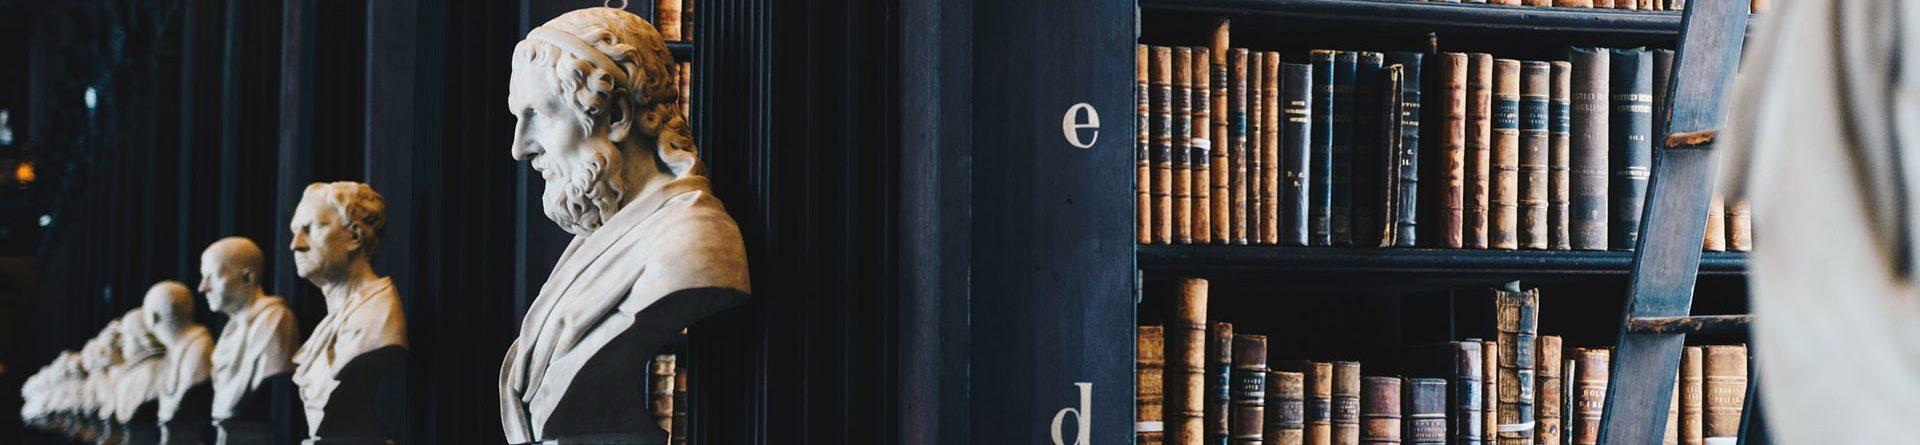 Обучение и иммиграция в Новую Зеландию для юристов